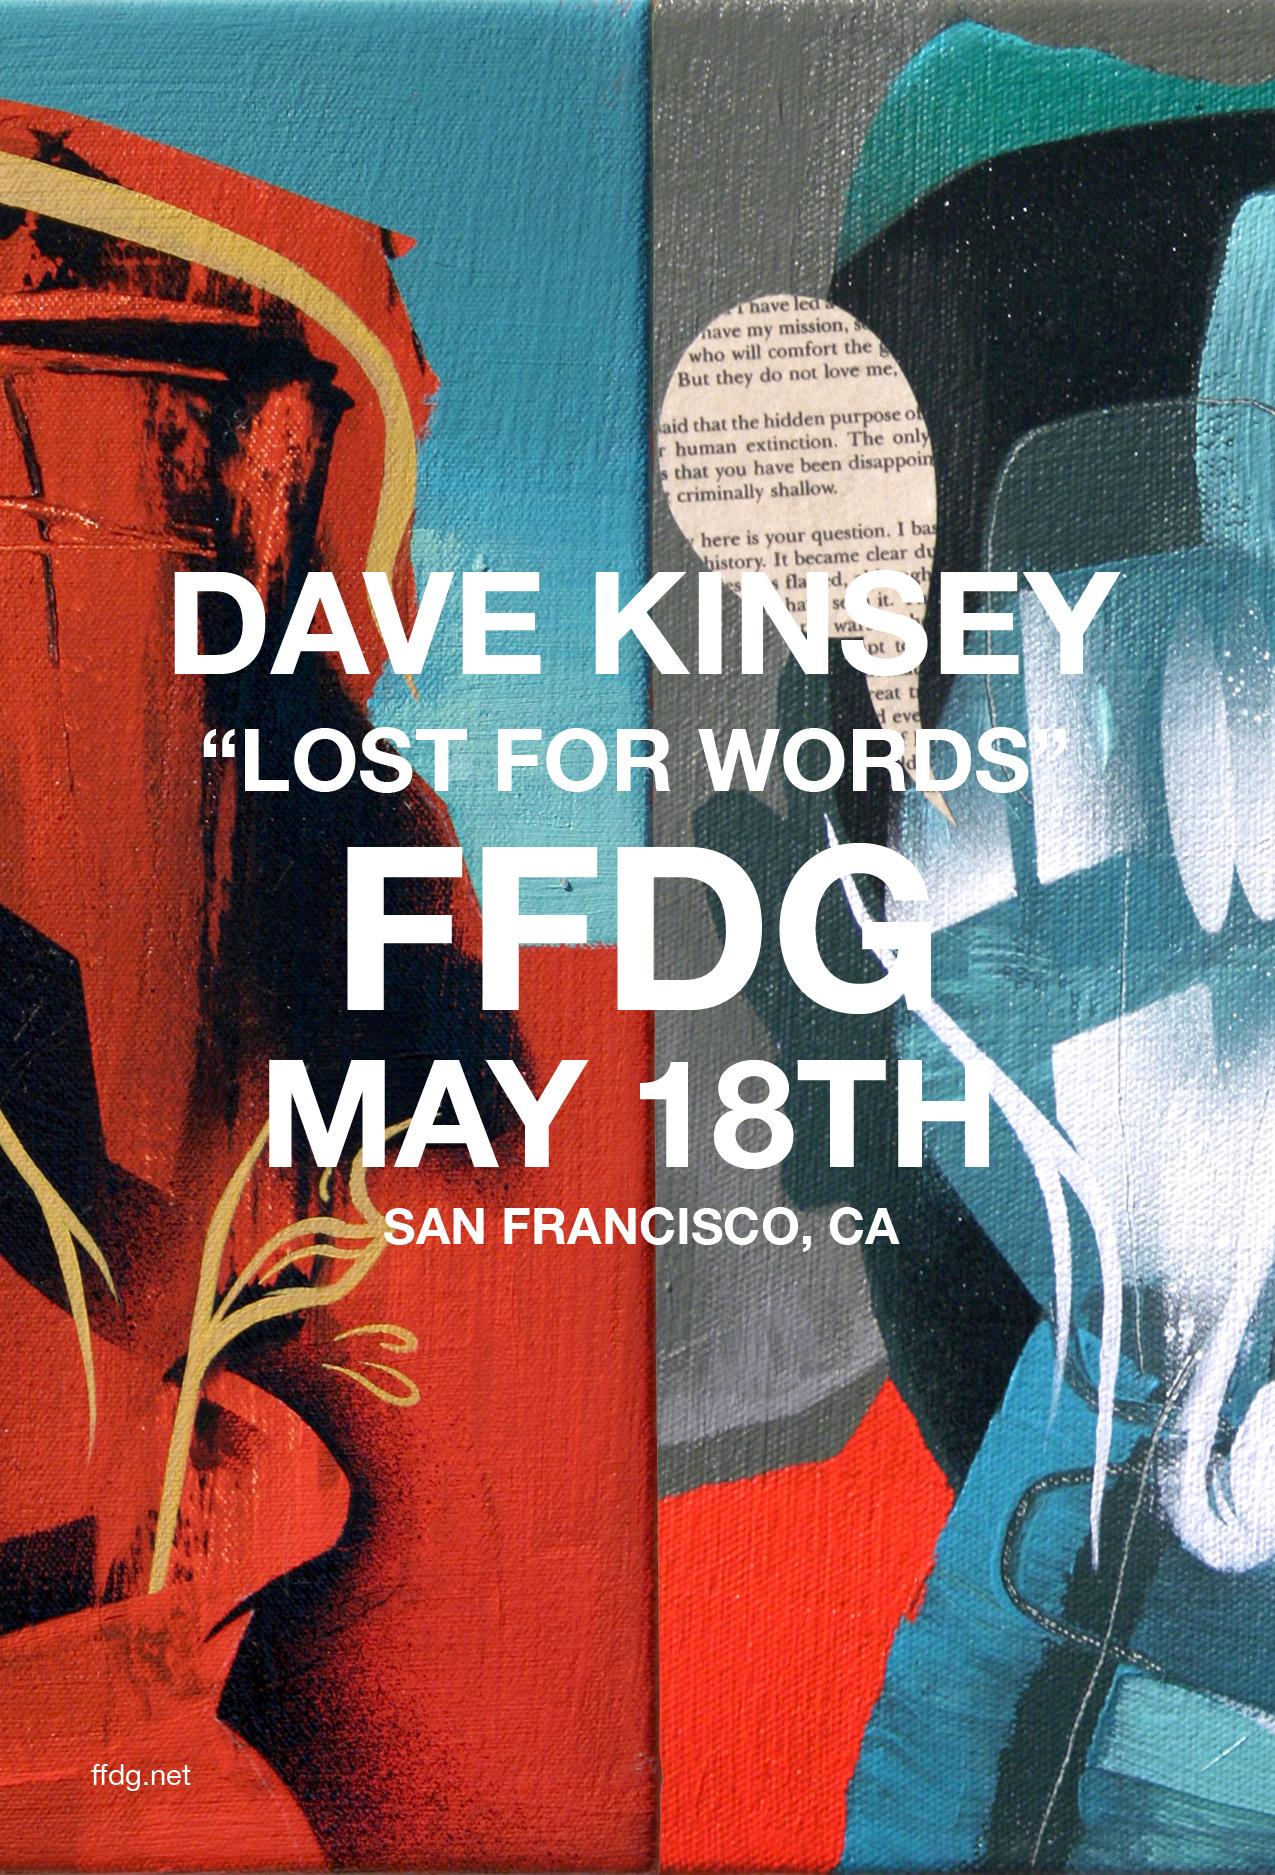 DK_FFDG_postcard-front_4x6_FINAL